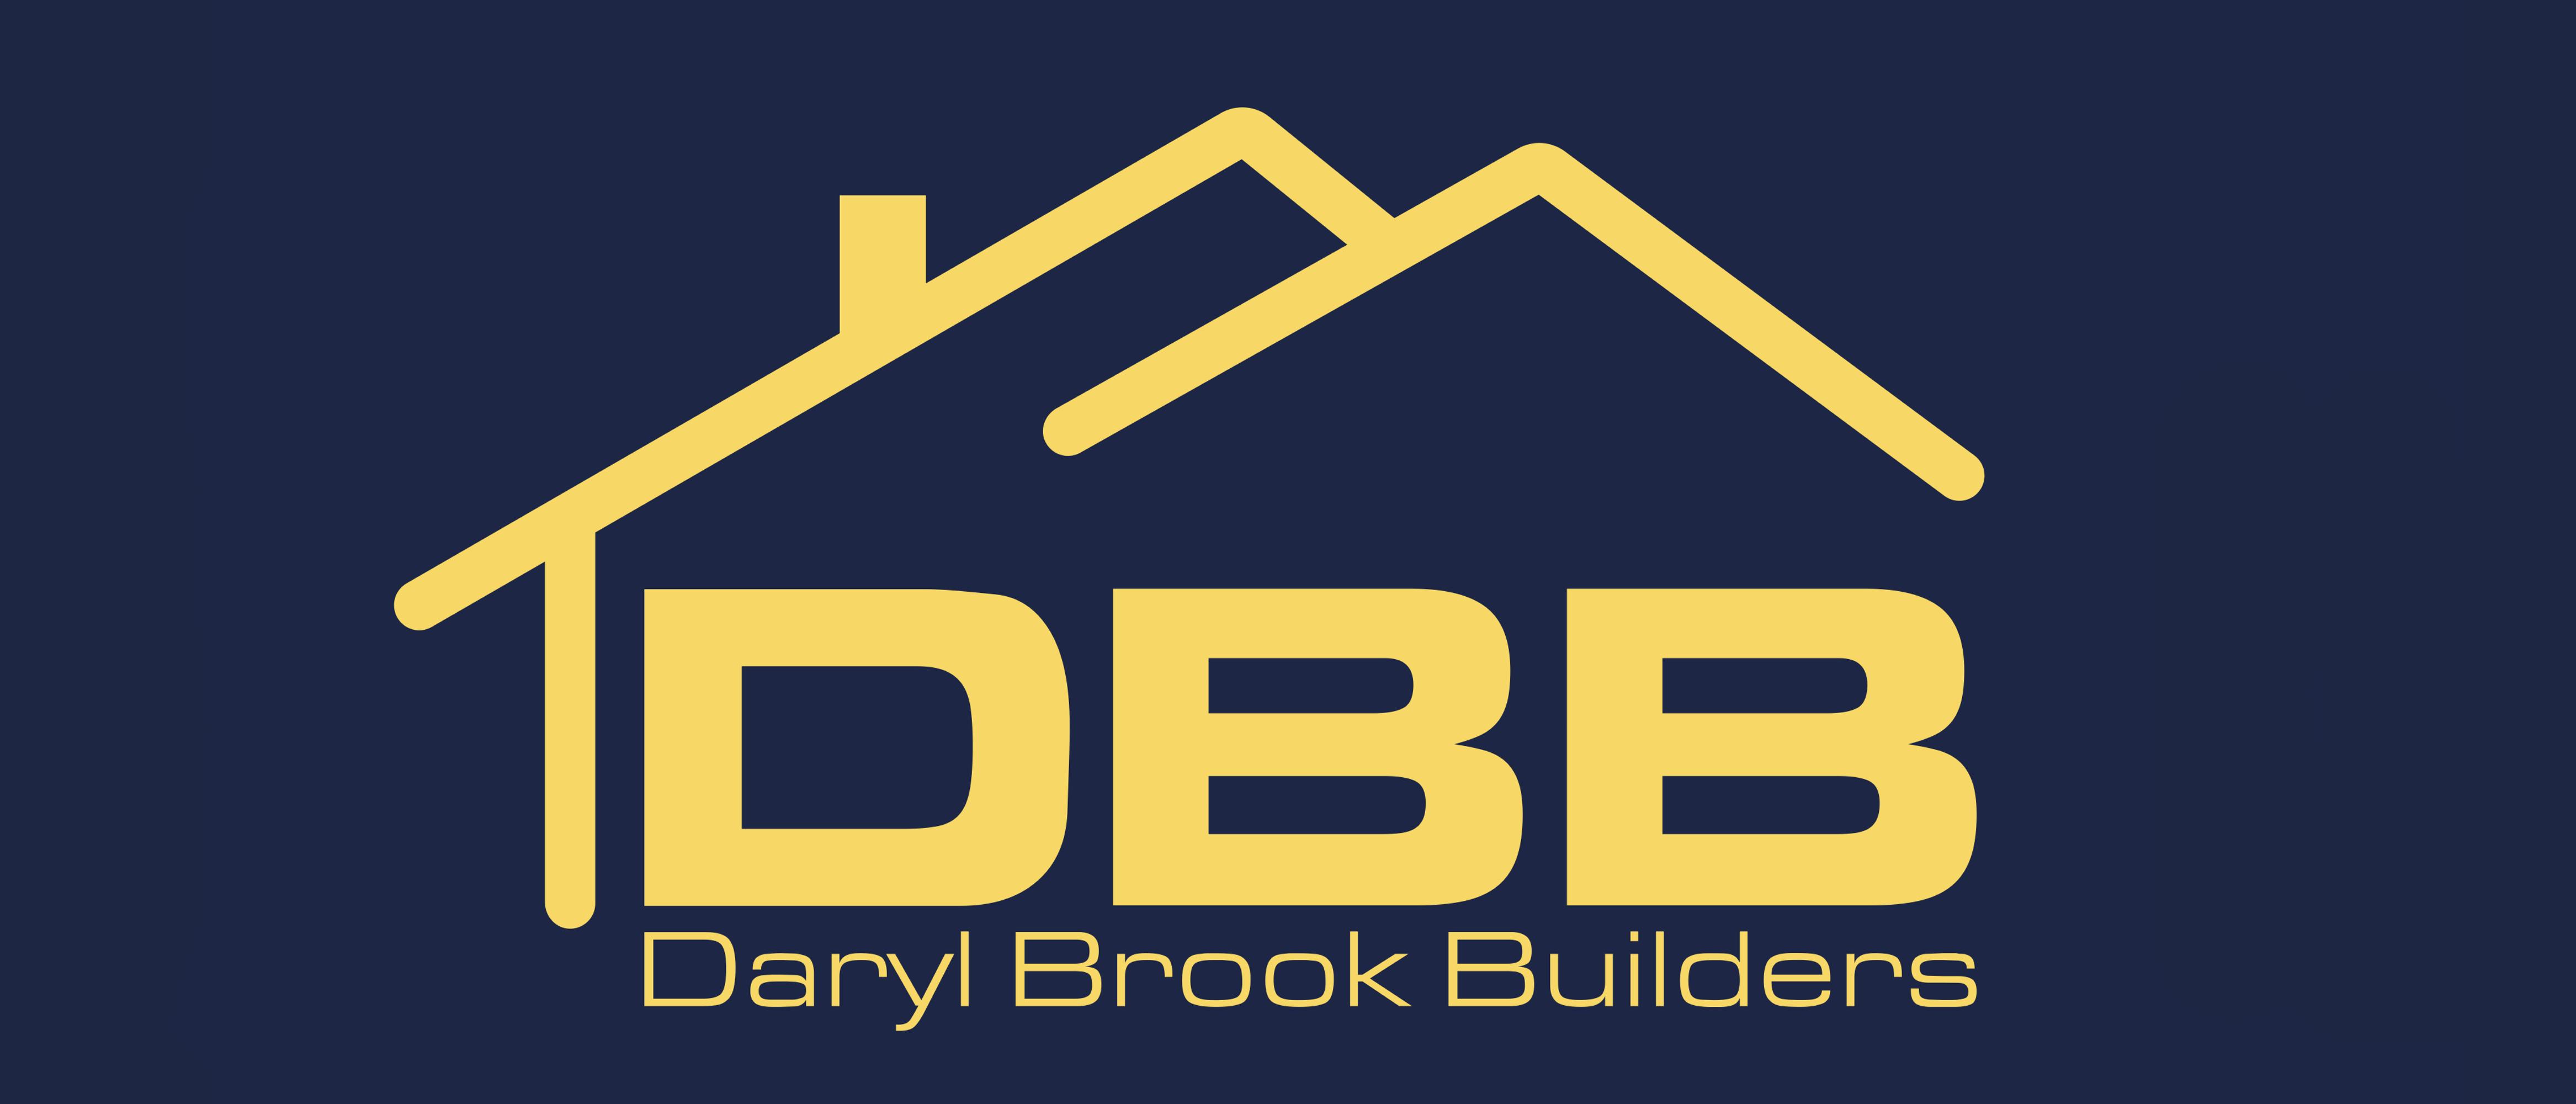 Daryl Brook Builders